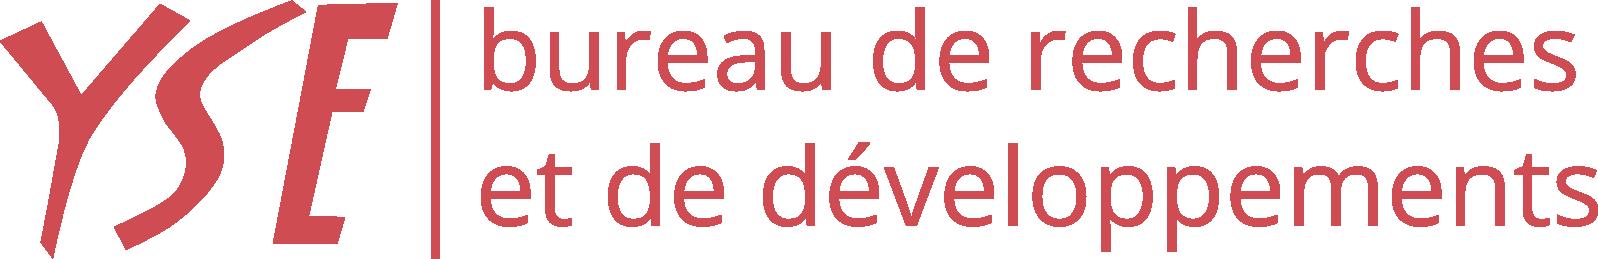 yse | bureau de recherches et de développement